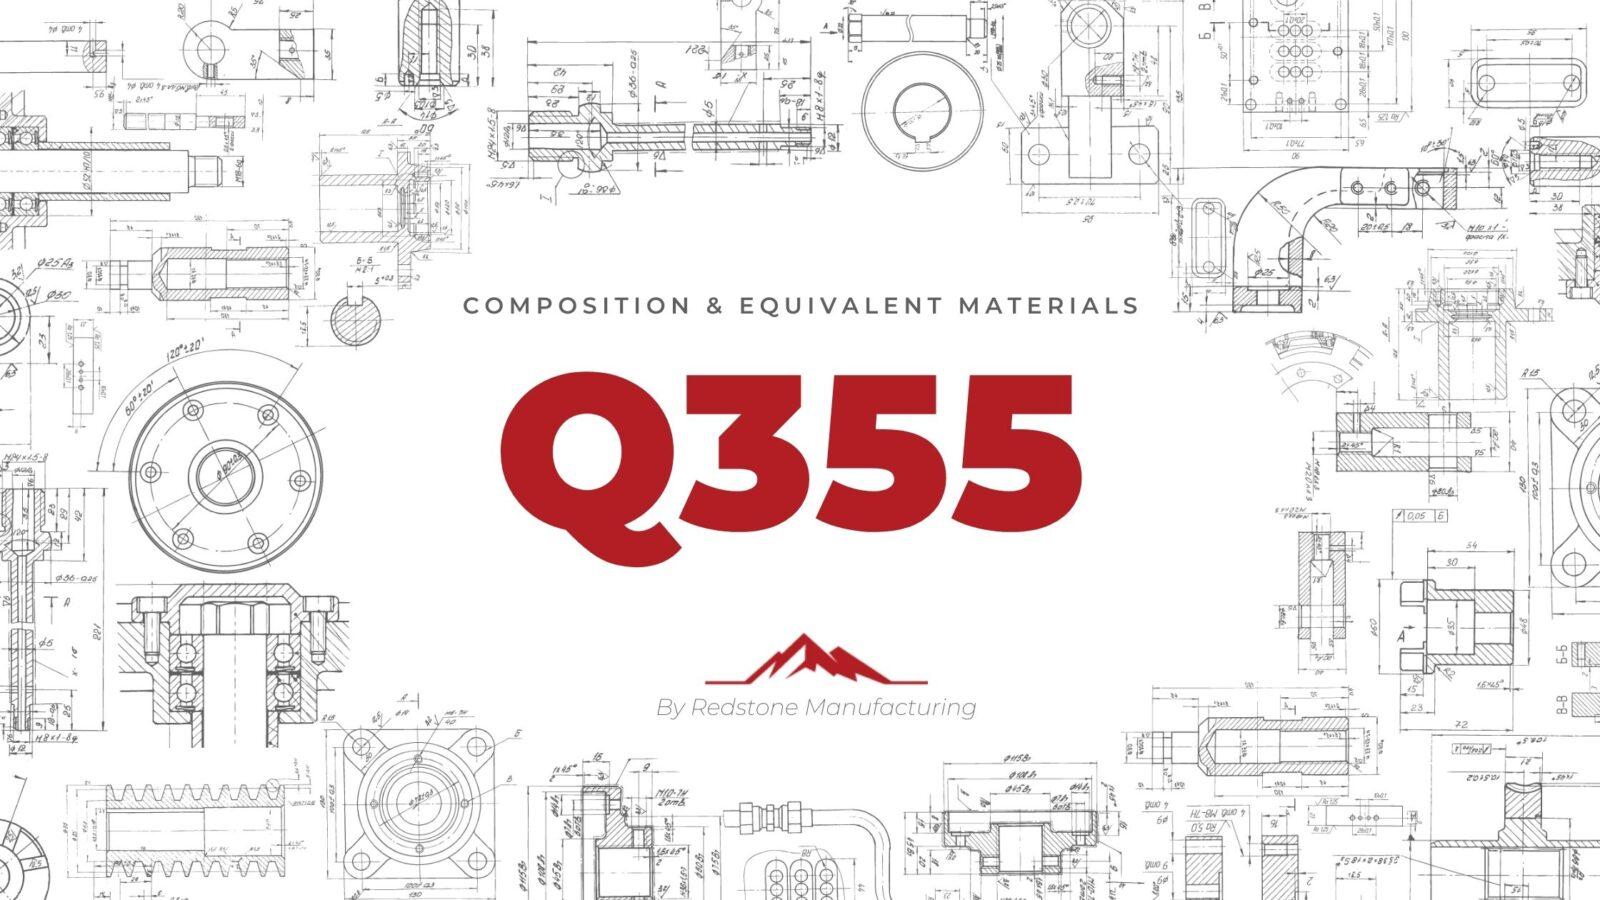 Q355 Equivalent